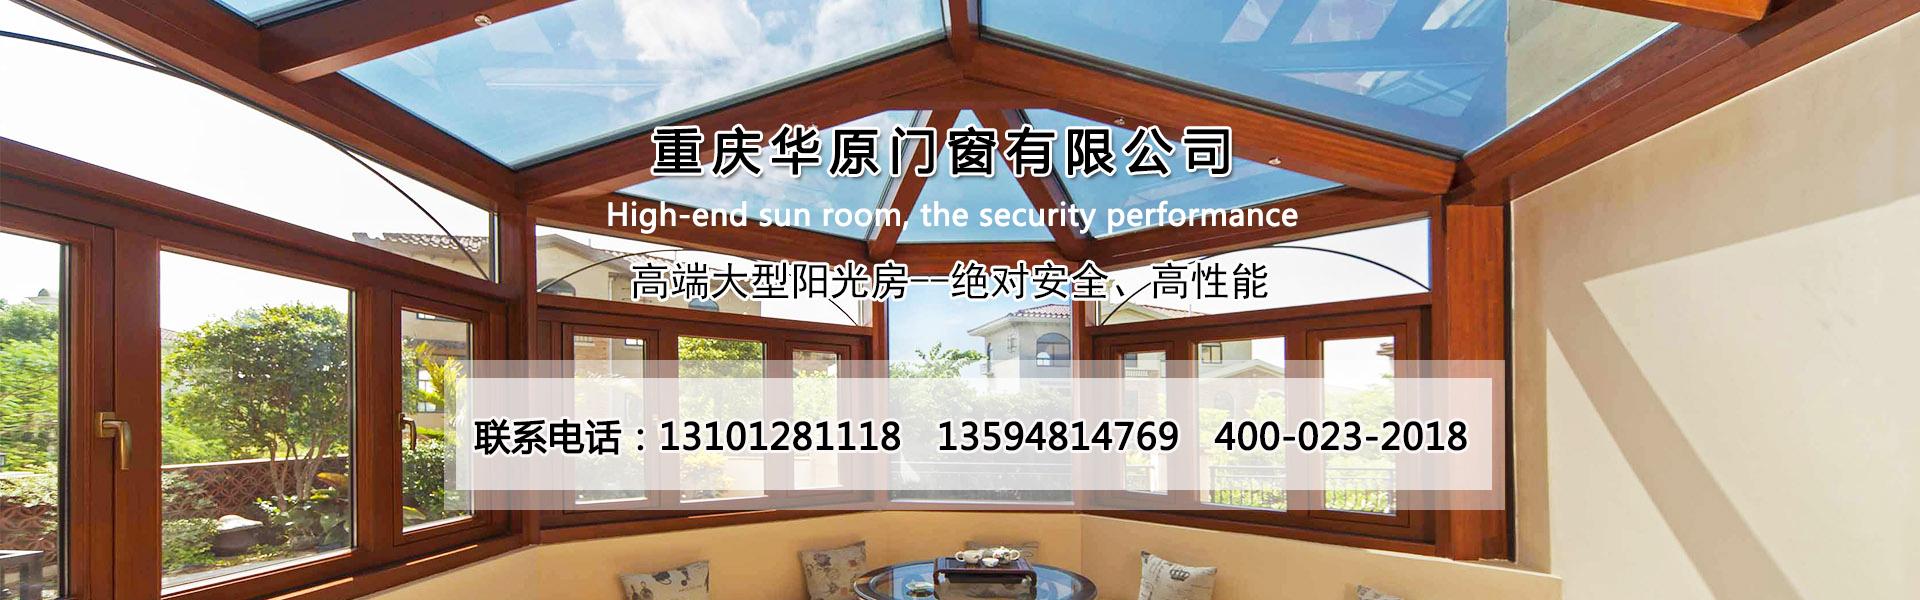 重庆华原门窗有限公司主营:断桥二合一门窗,阳光房,重型门,推拉门等高端门窗。